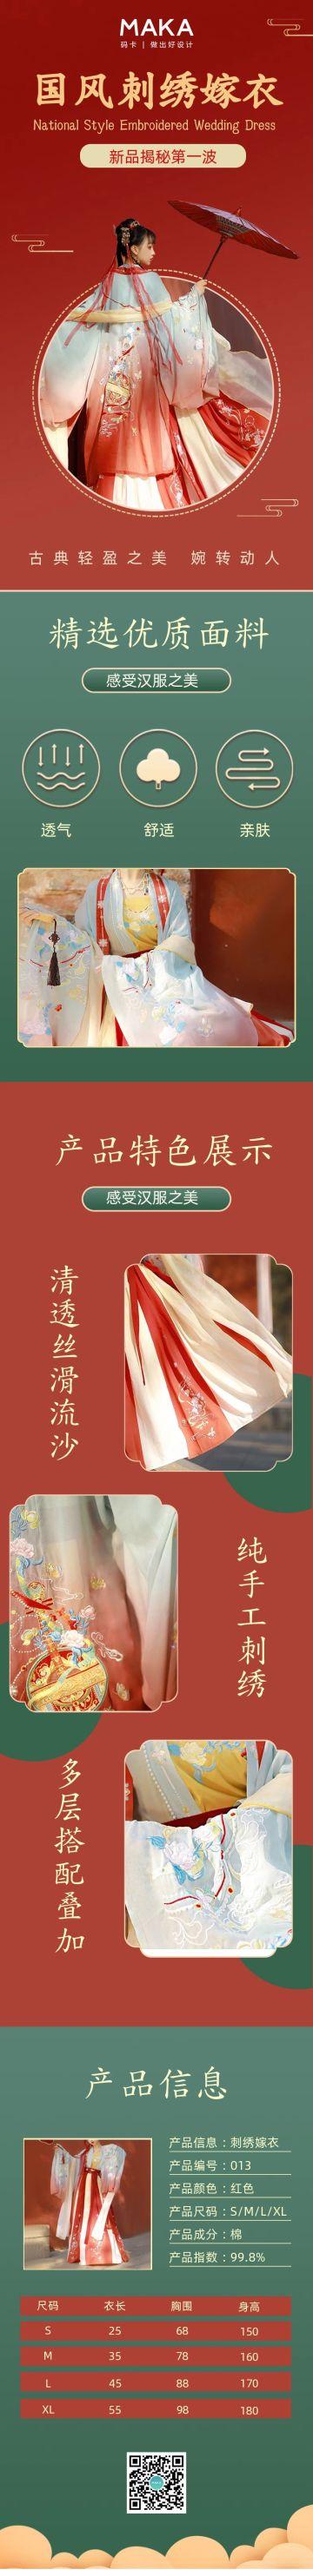 中国风国庆节女装电商详情页